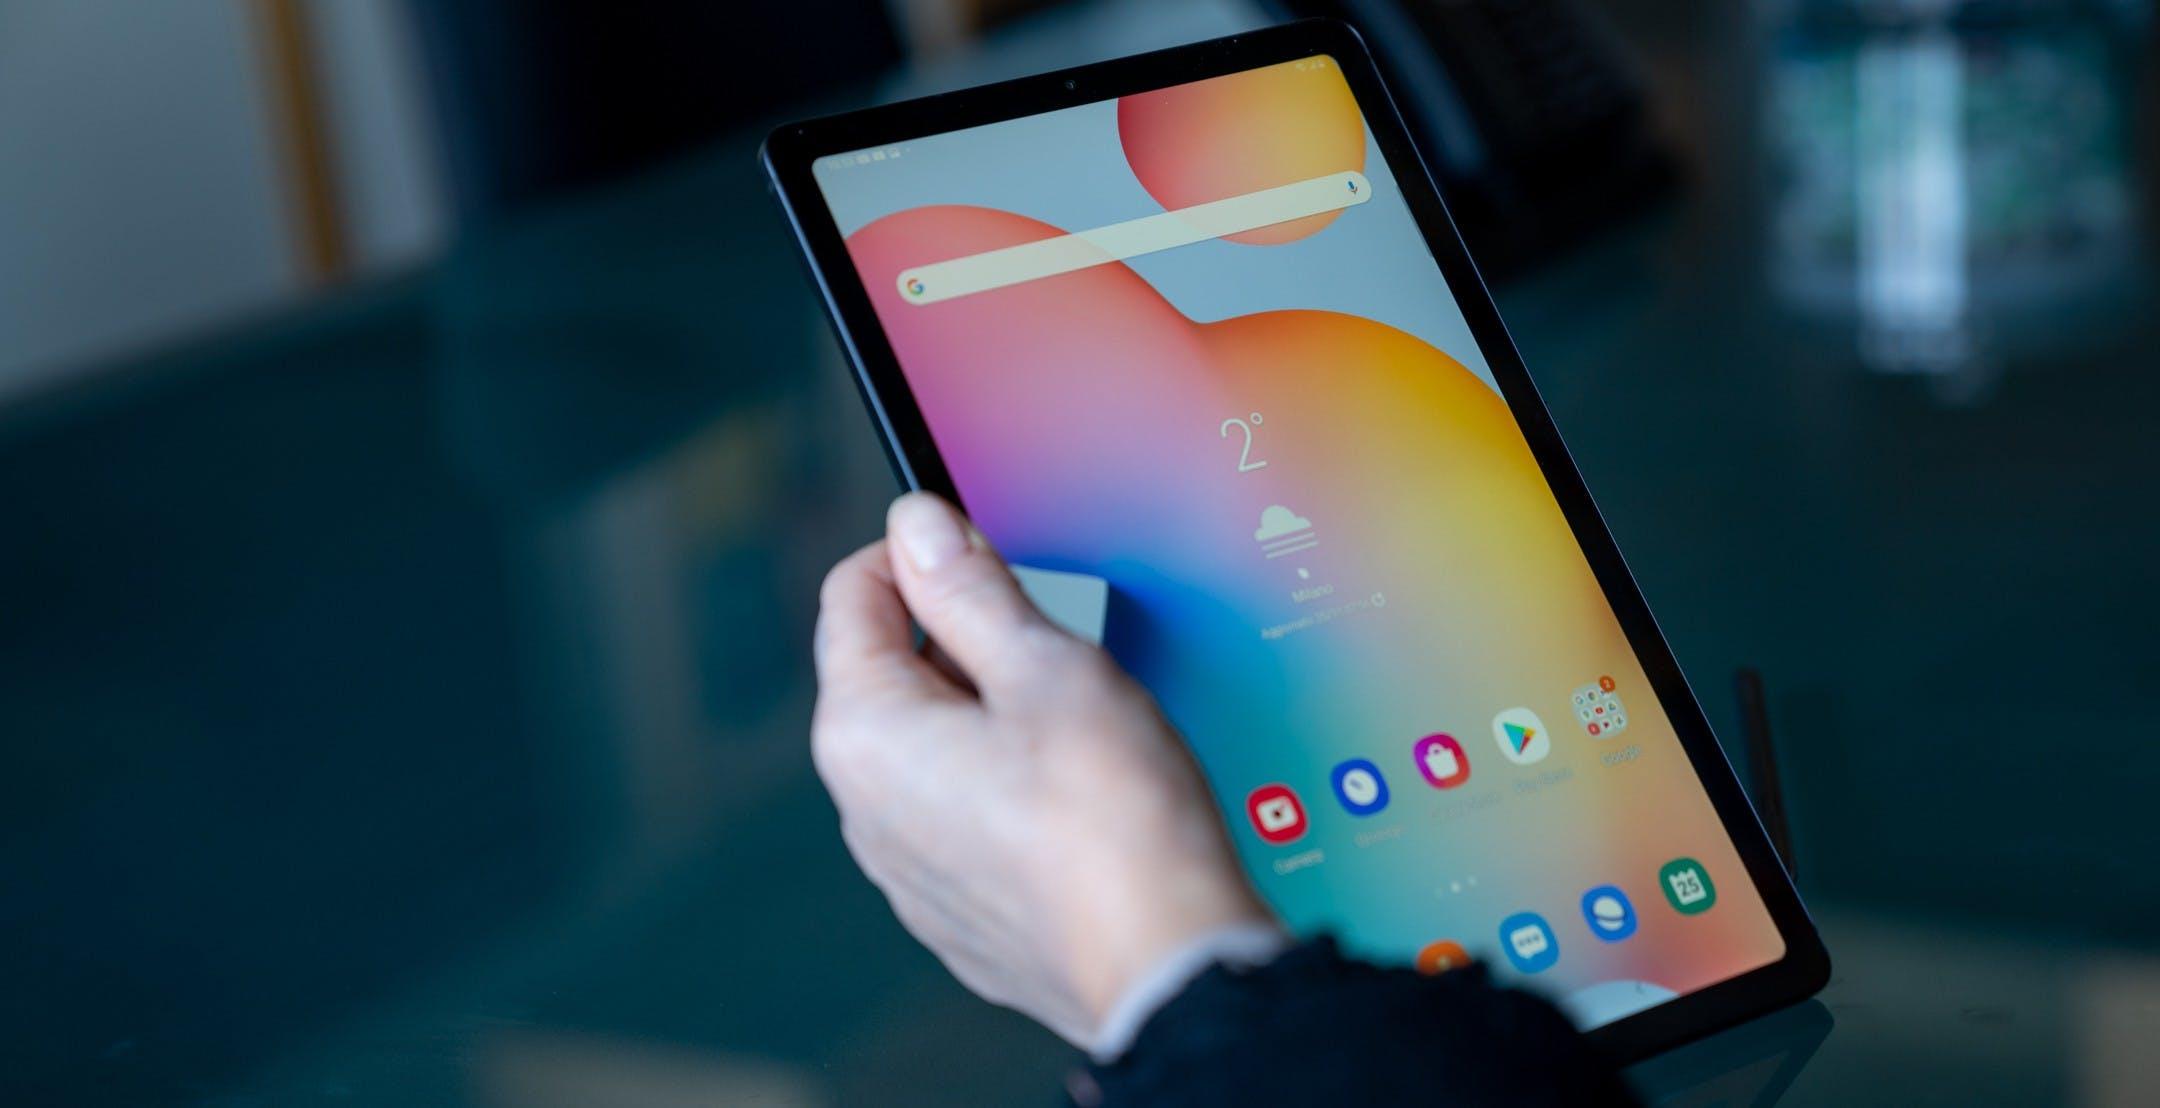 Voucher PC e tablet, ecco le offerte: la famigerata libertà di scelta non c'è